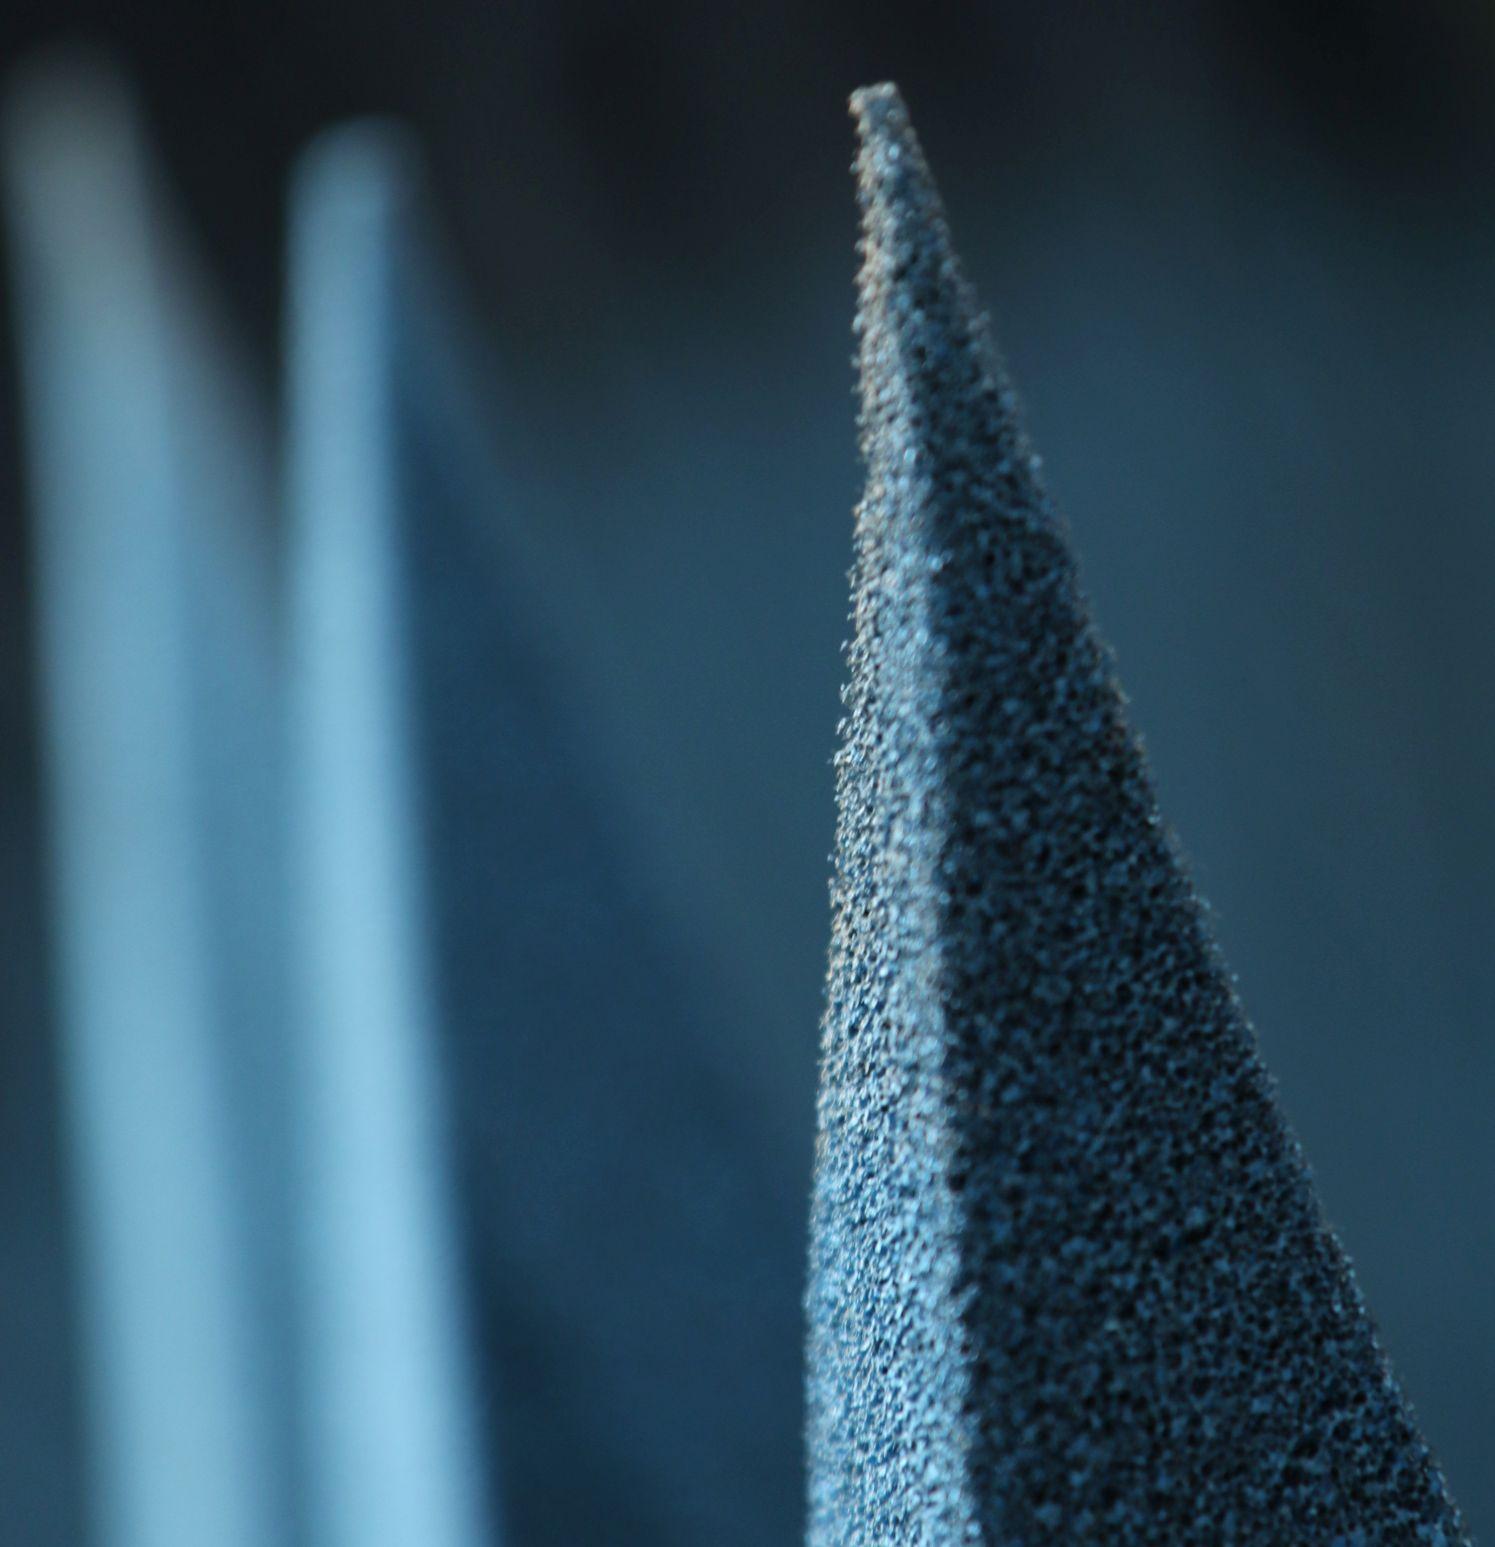 Pyramidal Absorber Close Up